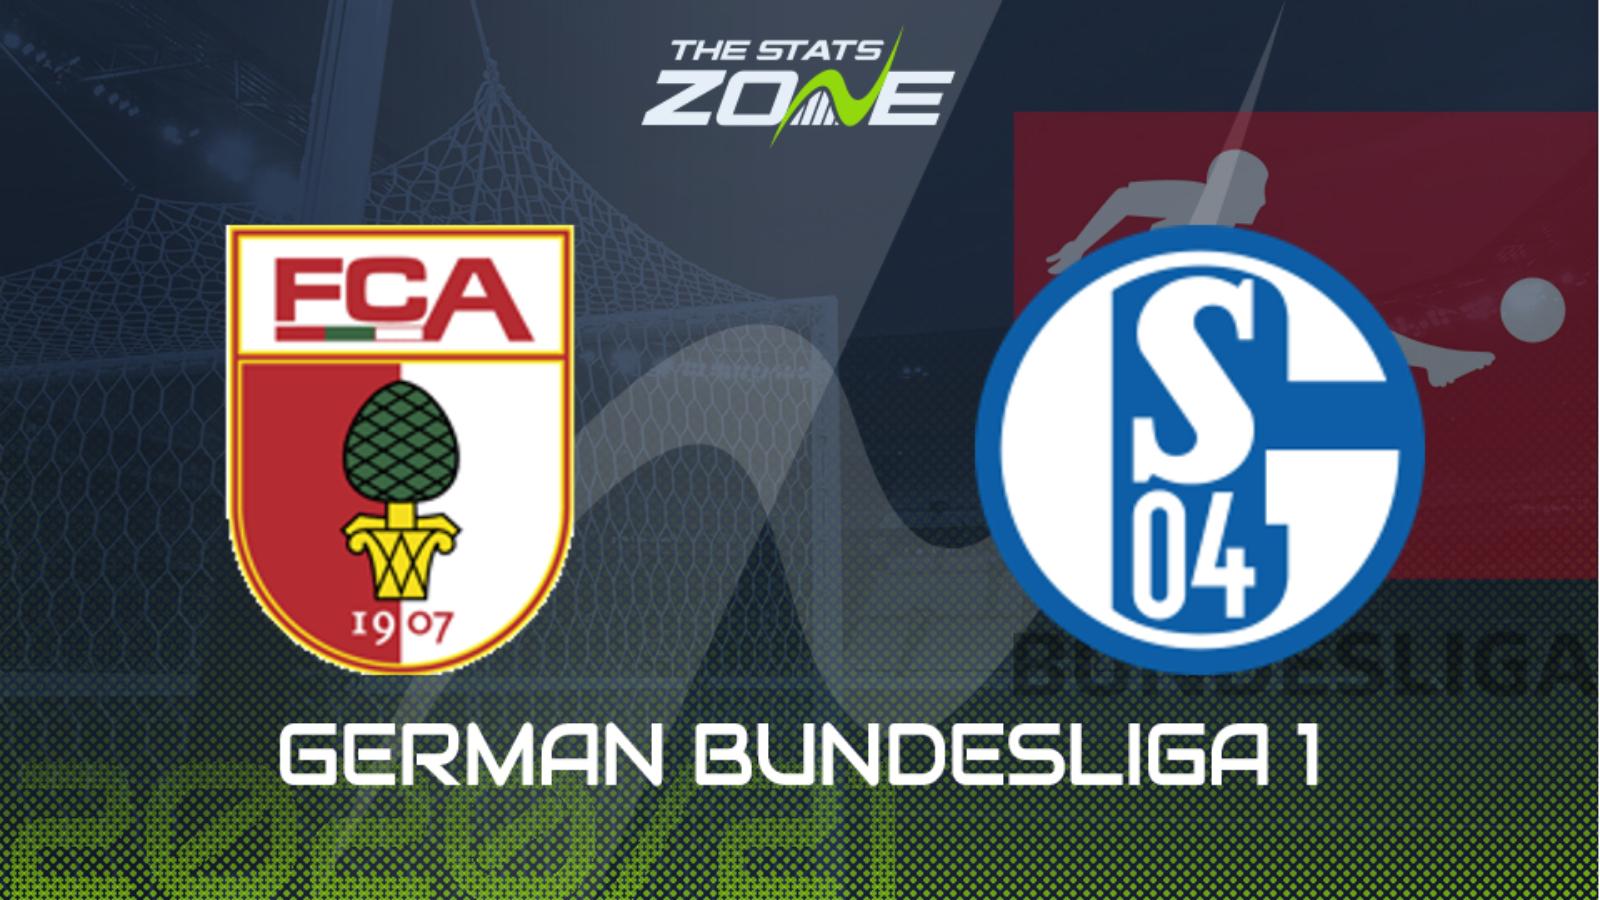 Augsburg vs schalke betting tips hamburg vs borussia dortmund betting tips